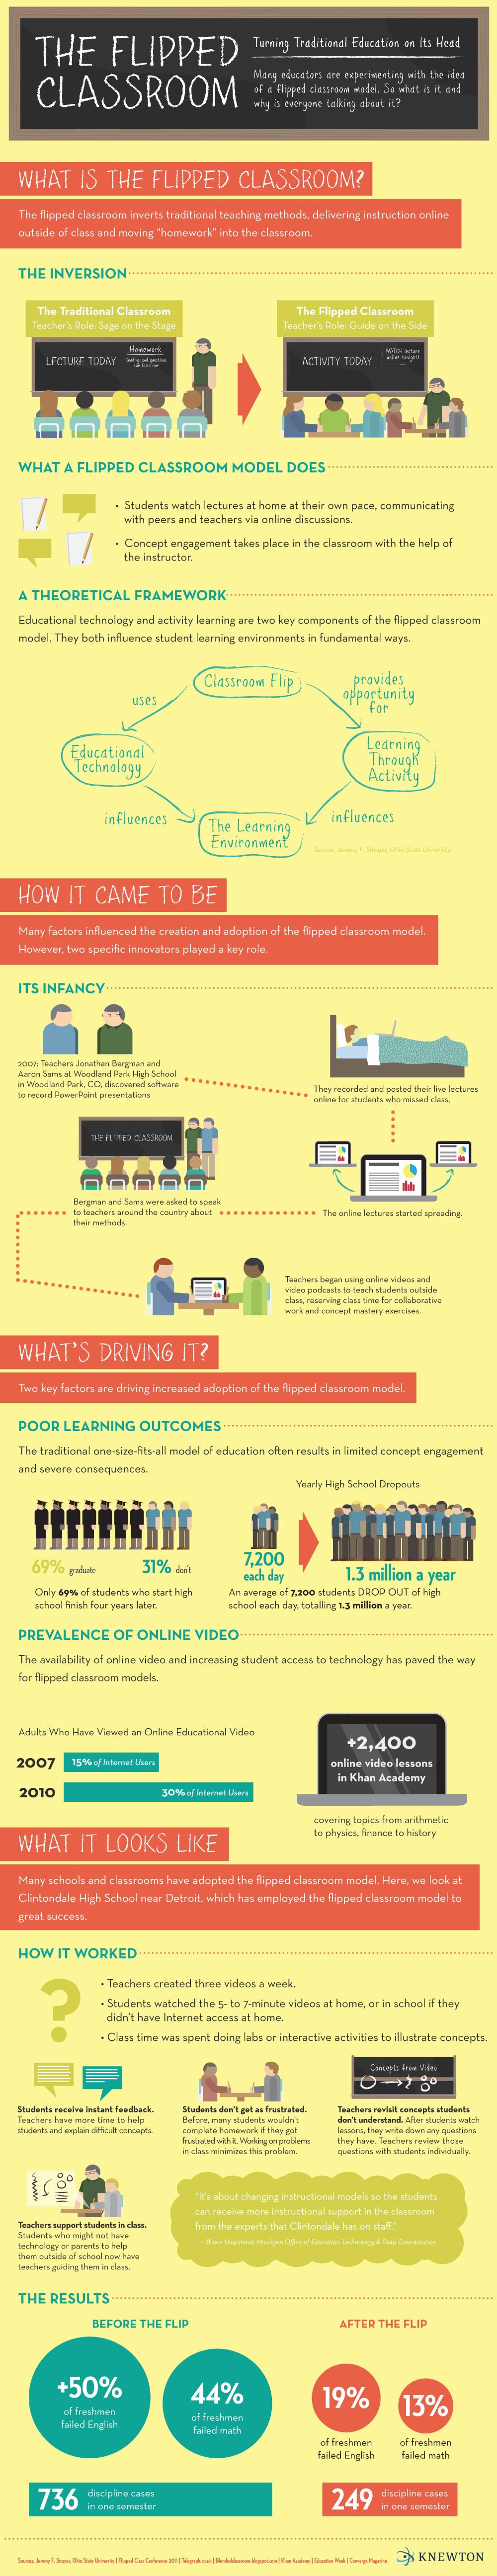 """""""Flip Classroom"""" : Lo utilizo en mi clase y realmente funciona. Pero se necesita educar a los estudiantes en el uso adecuado de los recursos tecnológicos y monitorear el desempeño de los que procastinan sus deberes escolares."""